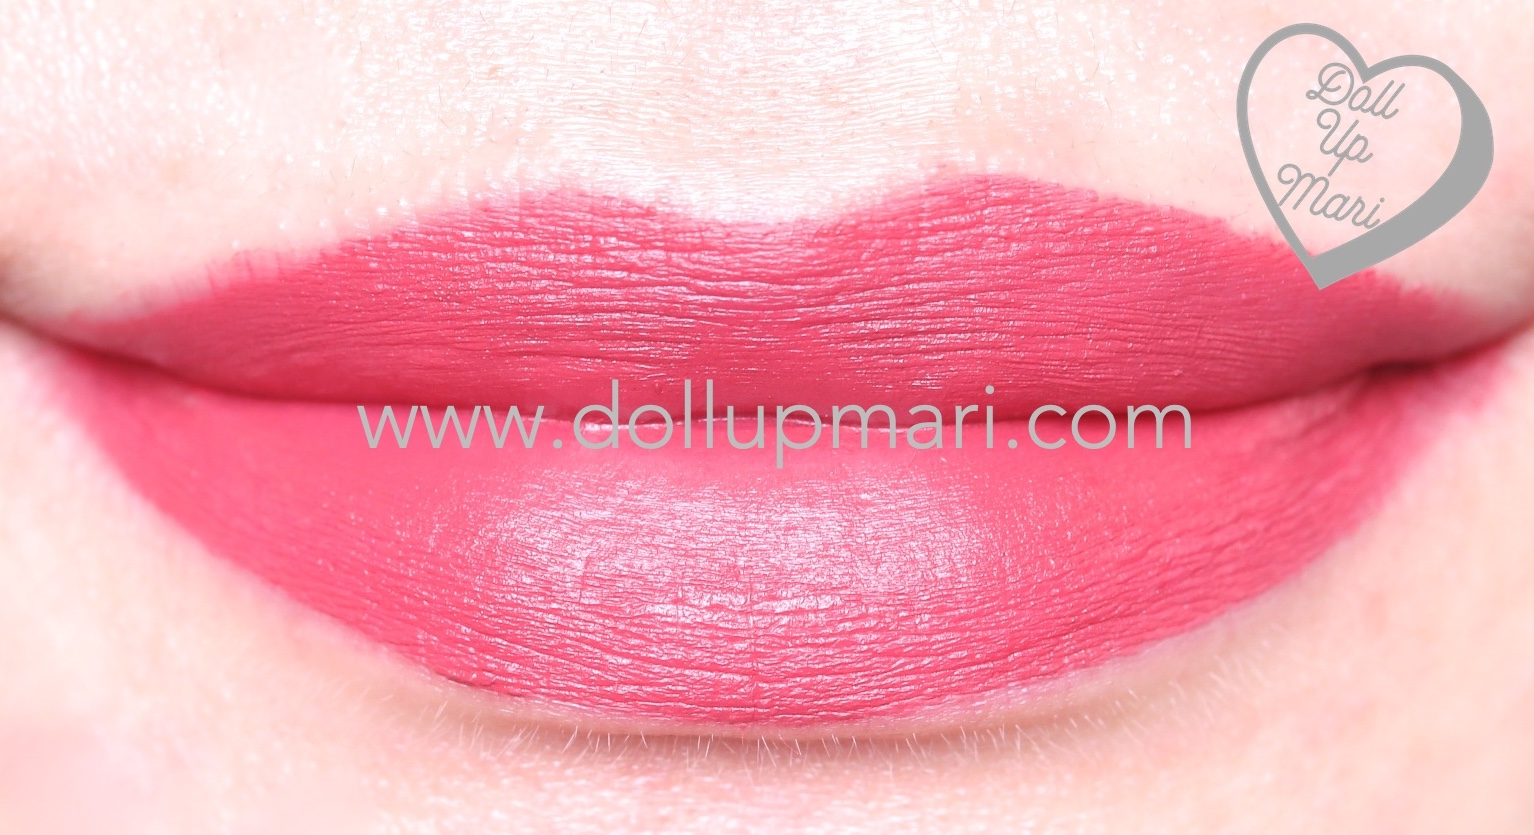 lip swatch of SilkyGirl Matte Junkie Lipcolor (08 Artsy)